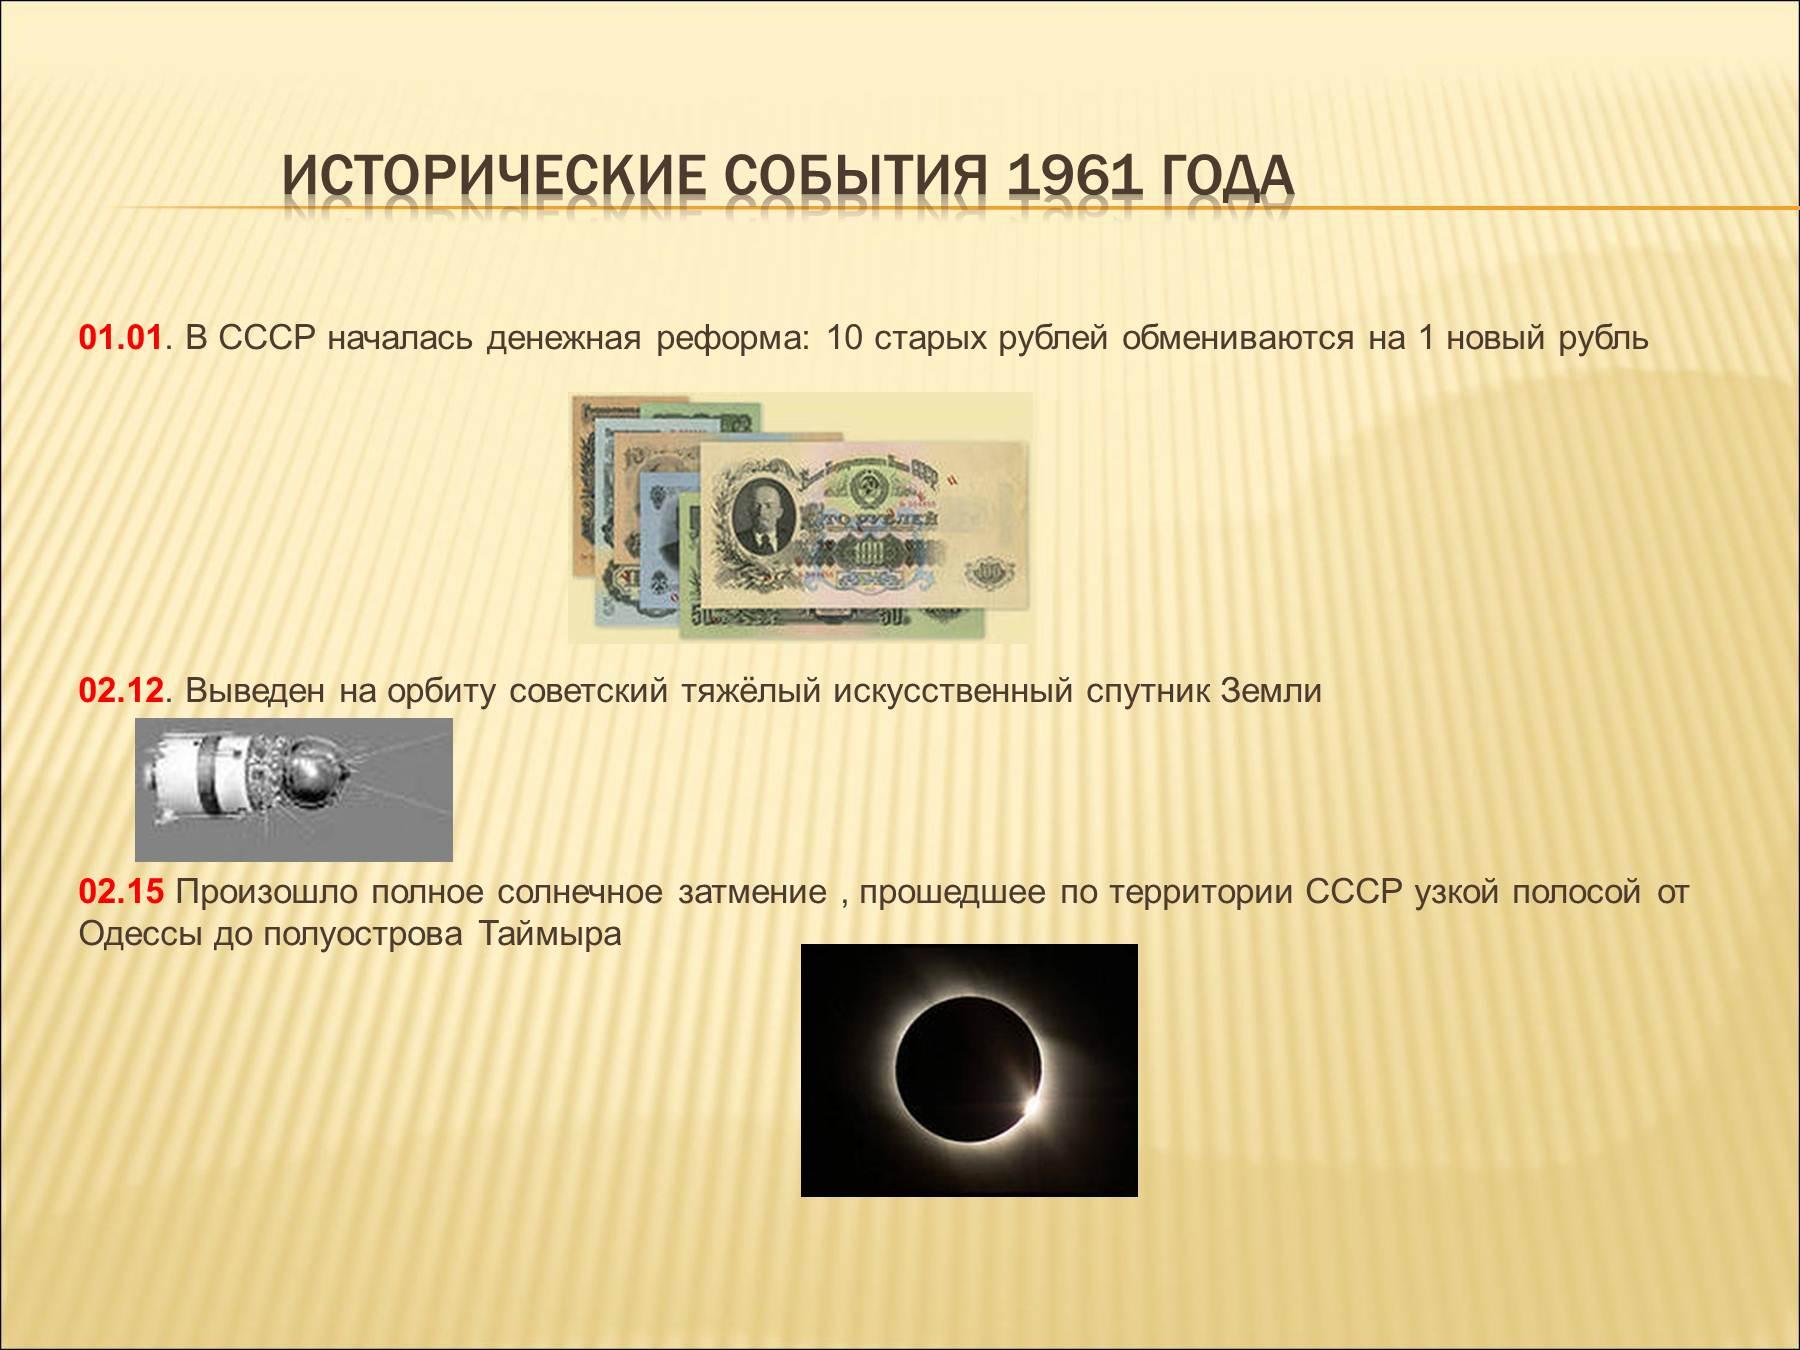 Создания календаря исторических событии